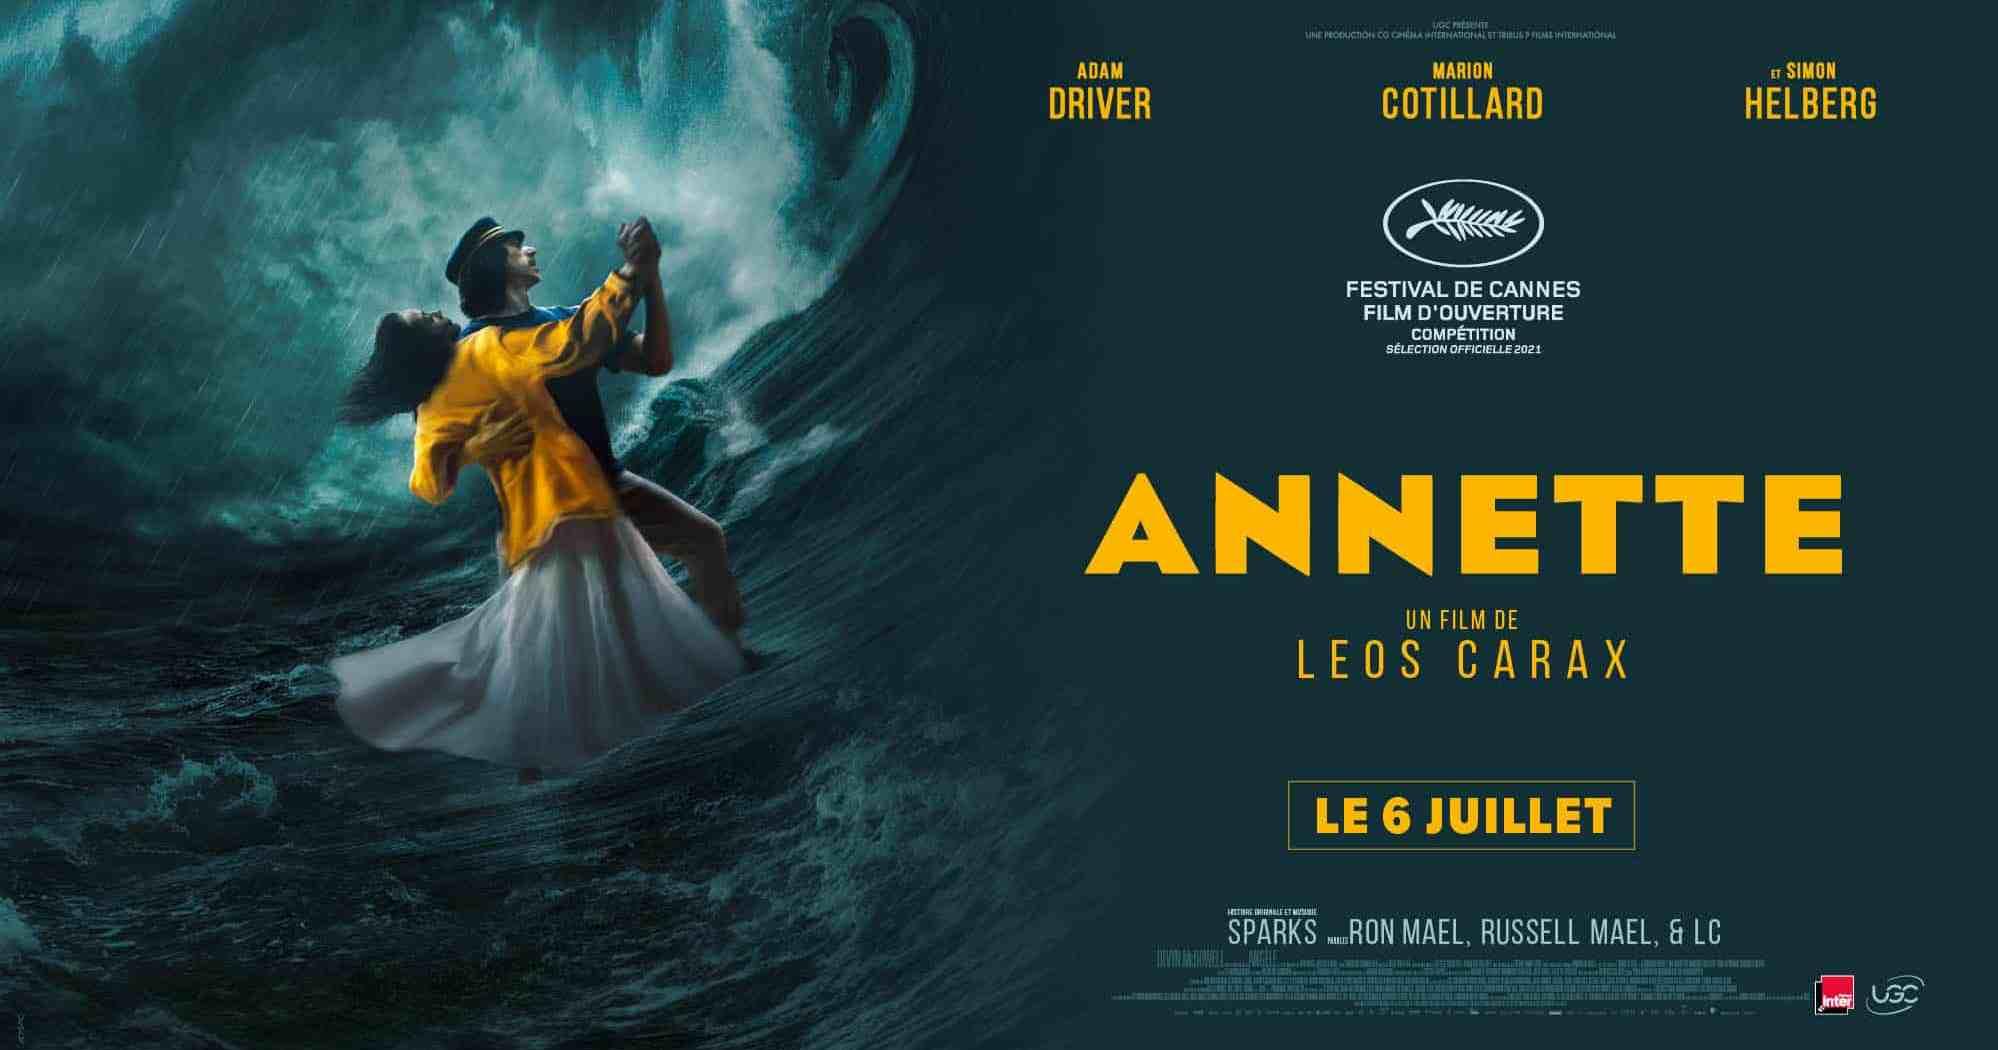 Bande-annonce d'Annette de Leos Carax (Cannes 2021)